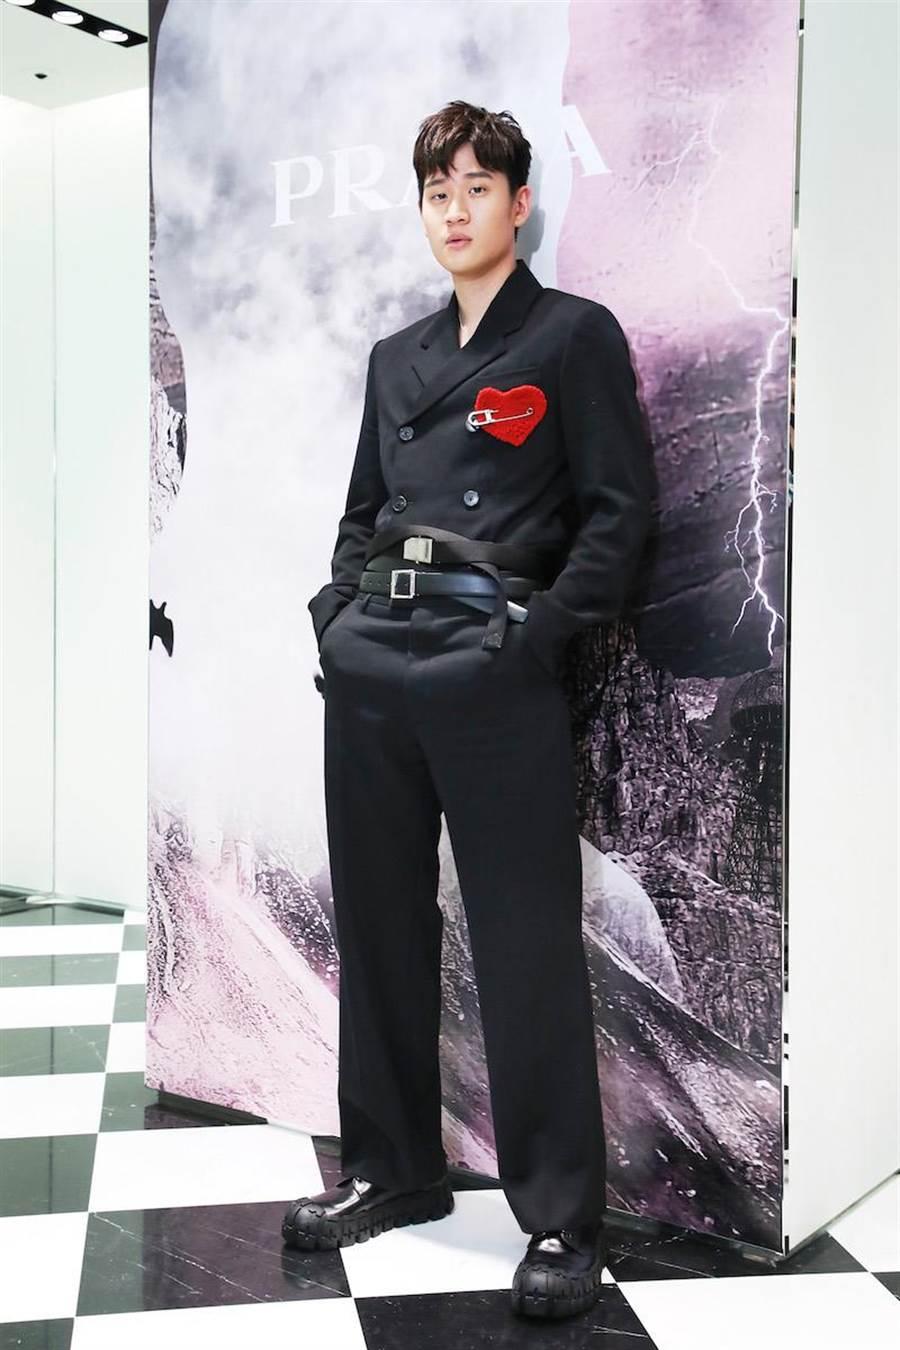 周興哲穿的2019秋冬男裝系列排扣西裝9萬9500元,黑色西裝褲4萬3000元,愛心造型別針1萬4500元。(PRADA提供)